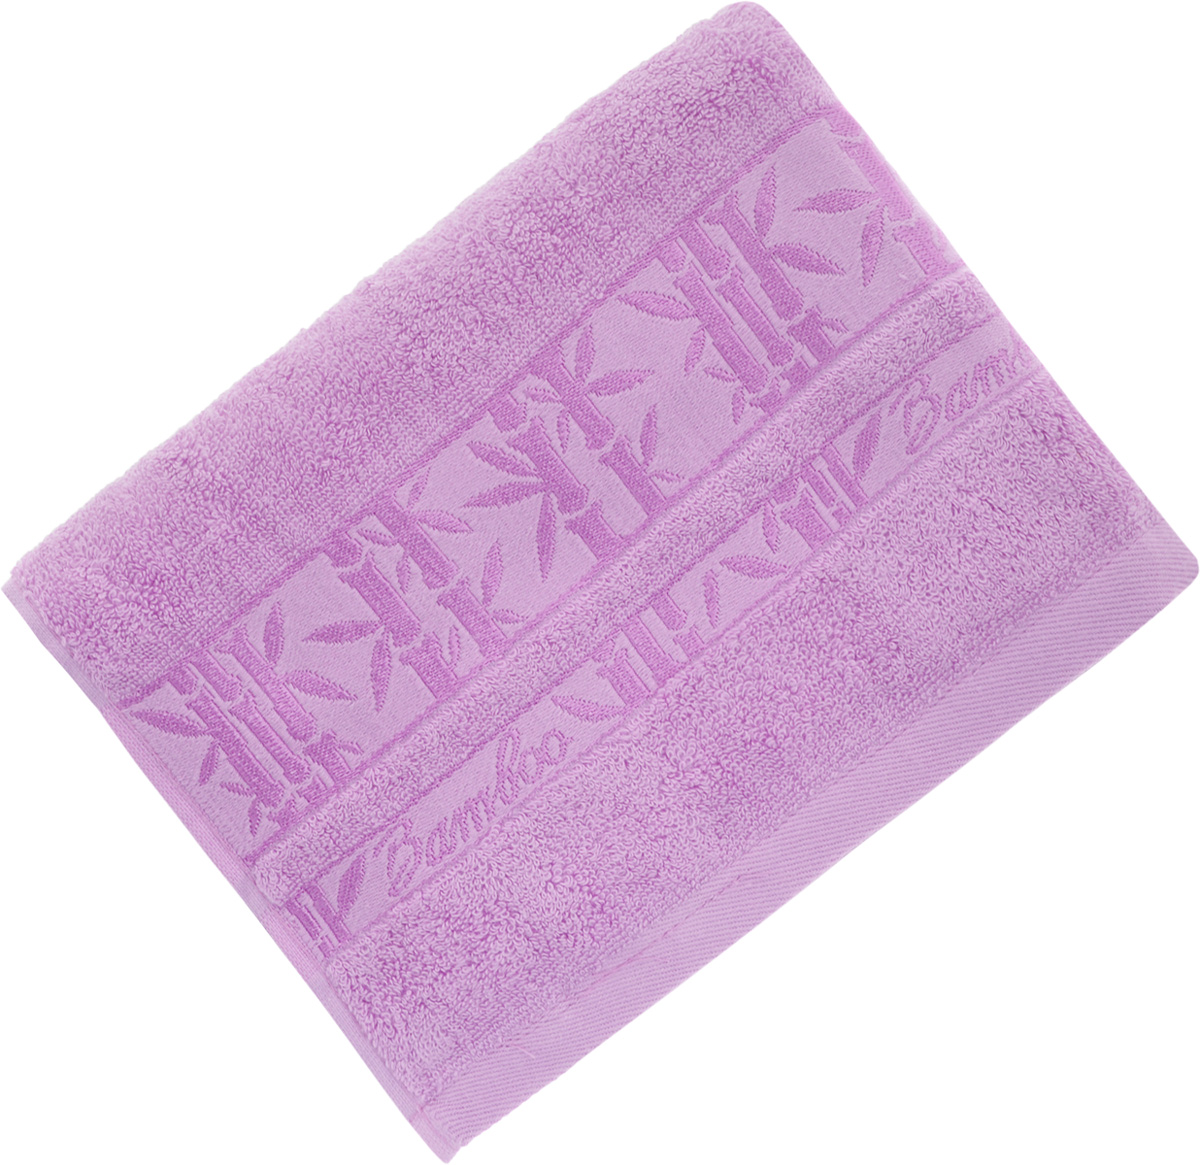 Полотенце Soavita Daniel, цвет: темно-розовый, 50 х 70 см64123Полотенце Soavita Daniel выполнено из 100% бамбукового волокна. Изделие отлично впитывает влагу, быстро сохнет, сохраняет яркость цвета и не теряет форму даже после многократных стирок. Полотенце очень практично и неприхотливо в уходе. Оно создаст прекрасное настроение и украсит интерьер в ванной комнате.